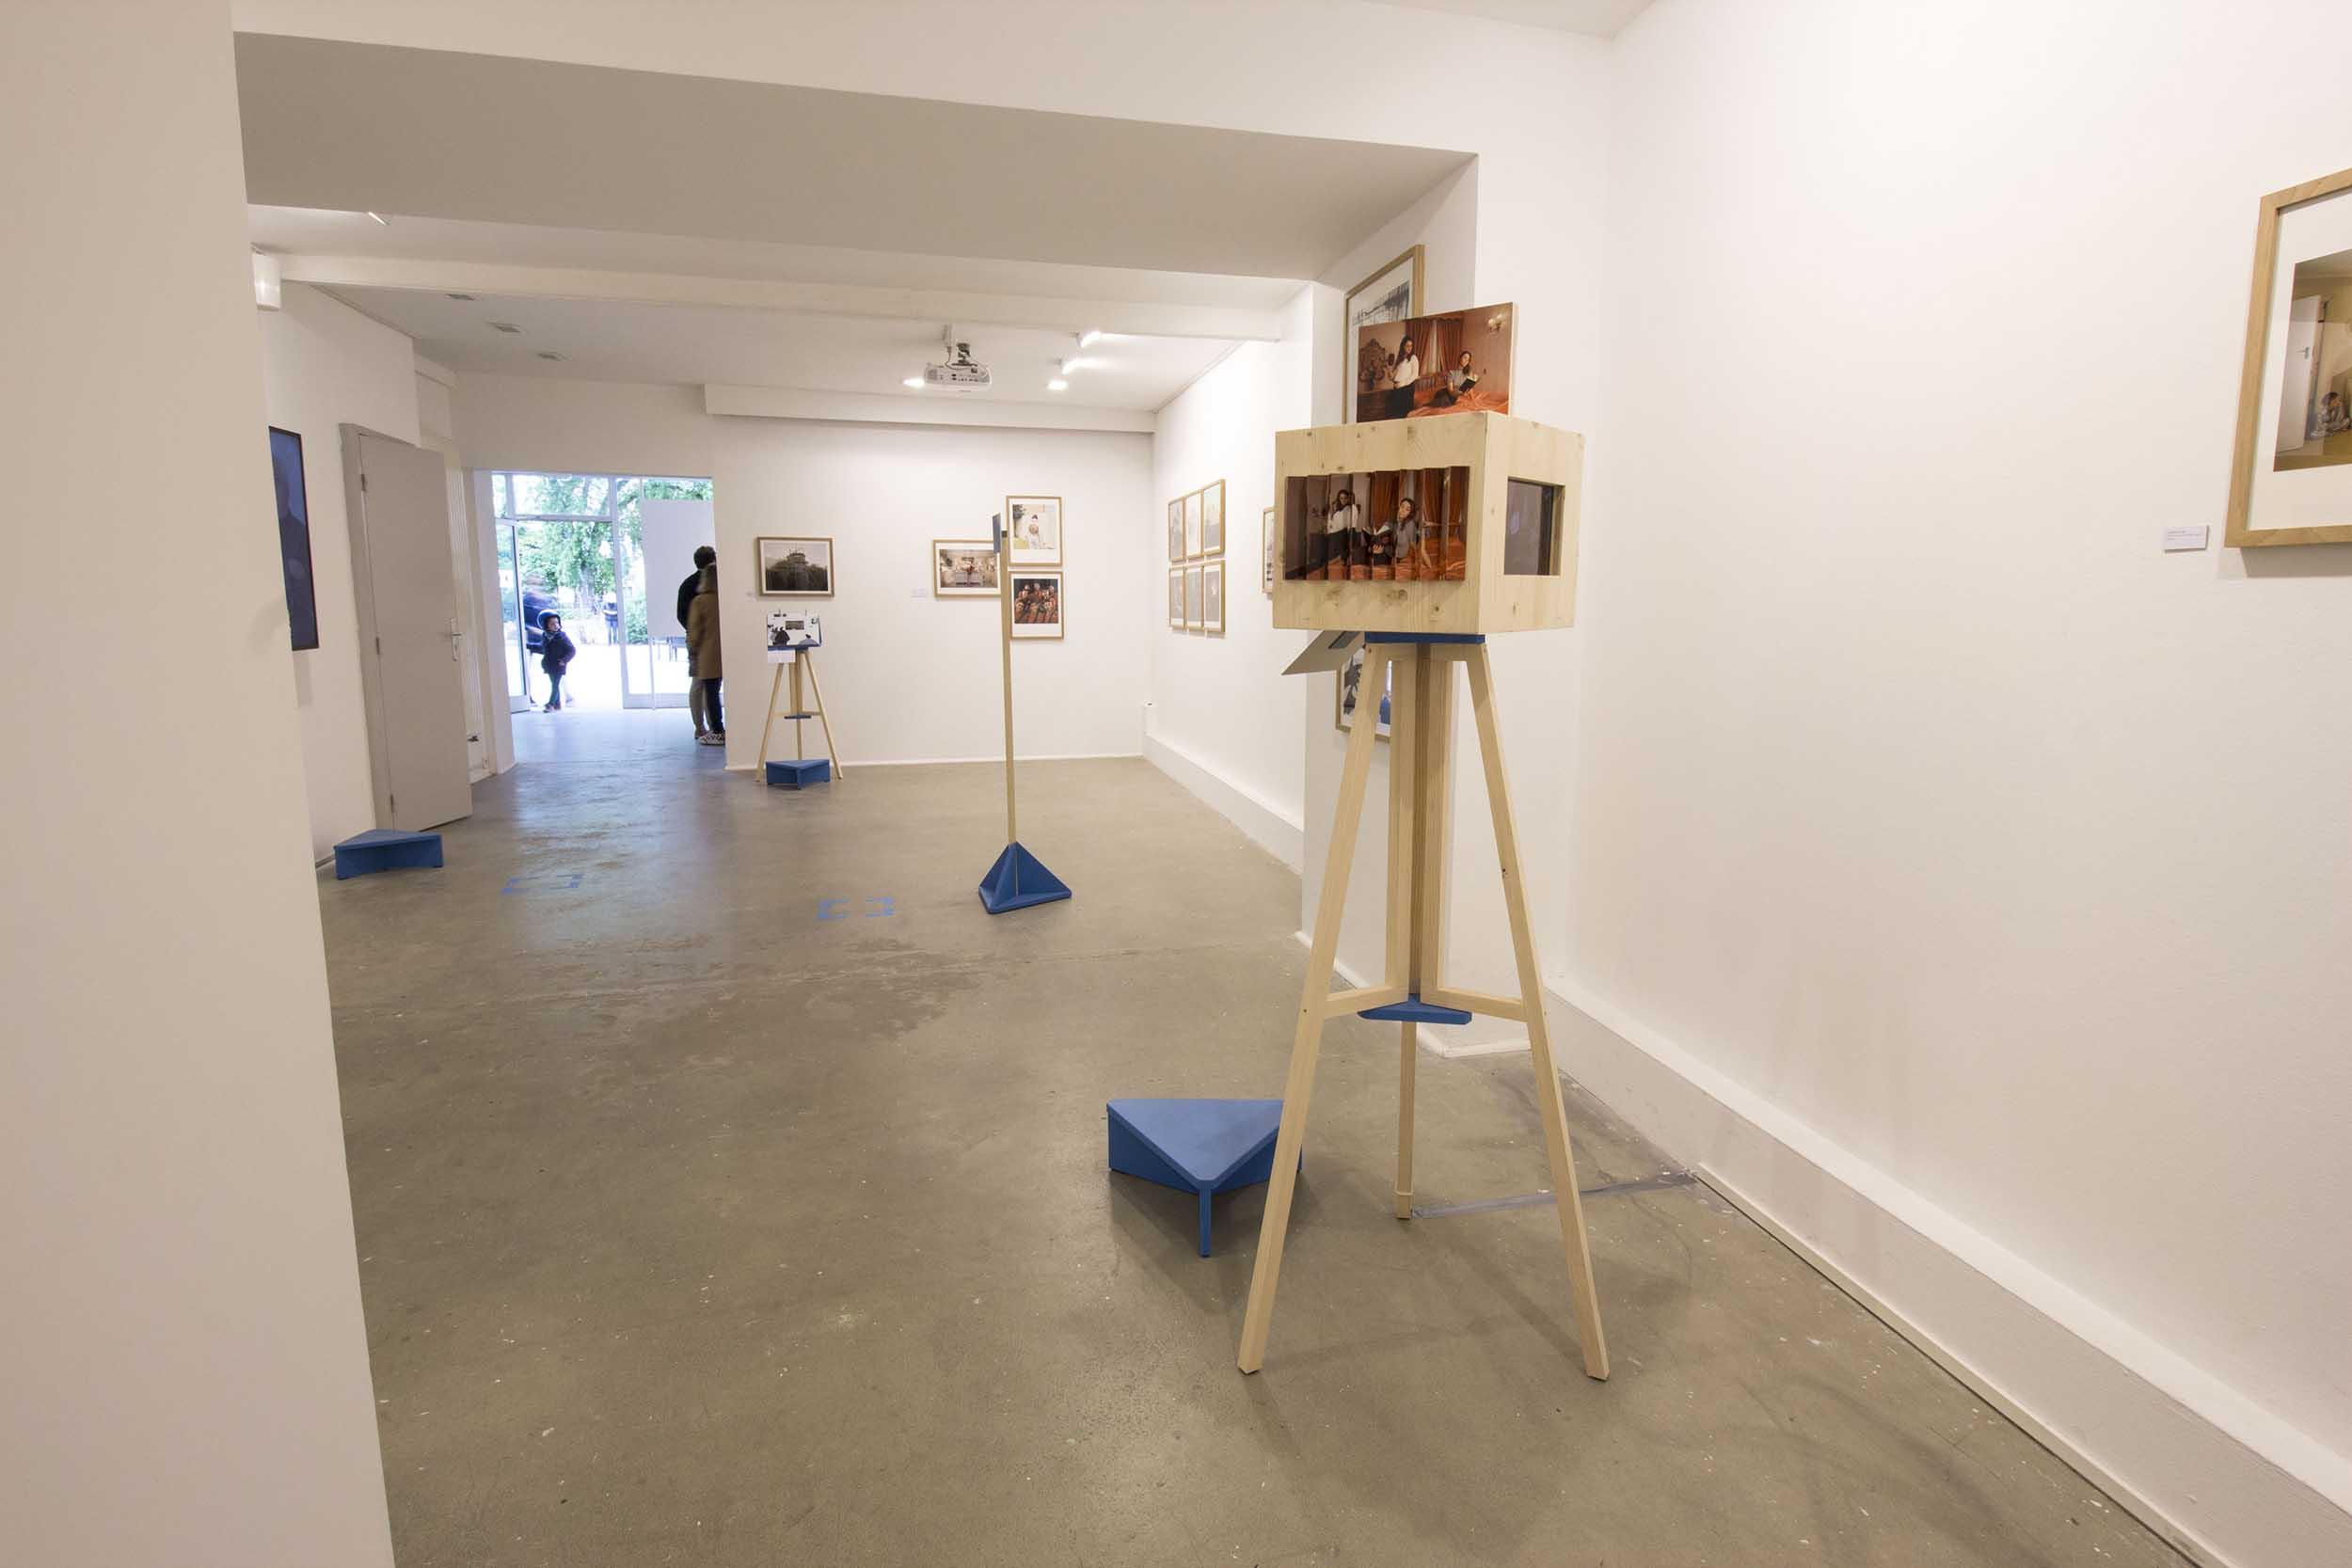 Vue d'ensemble de la galerie d'exposition La Chambre à Strasbourg avec le mobilier de scénographie conçu pour l'exposition Focus, faisant renvoi au trépied photographique.